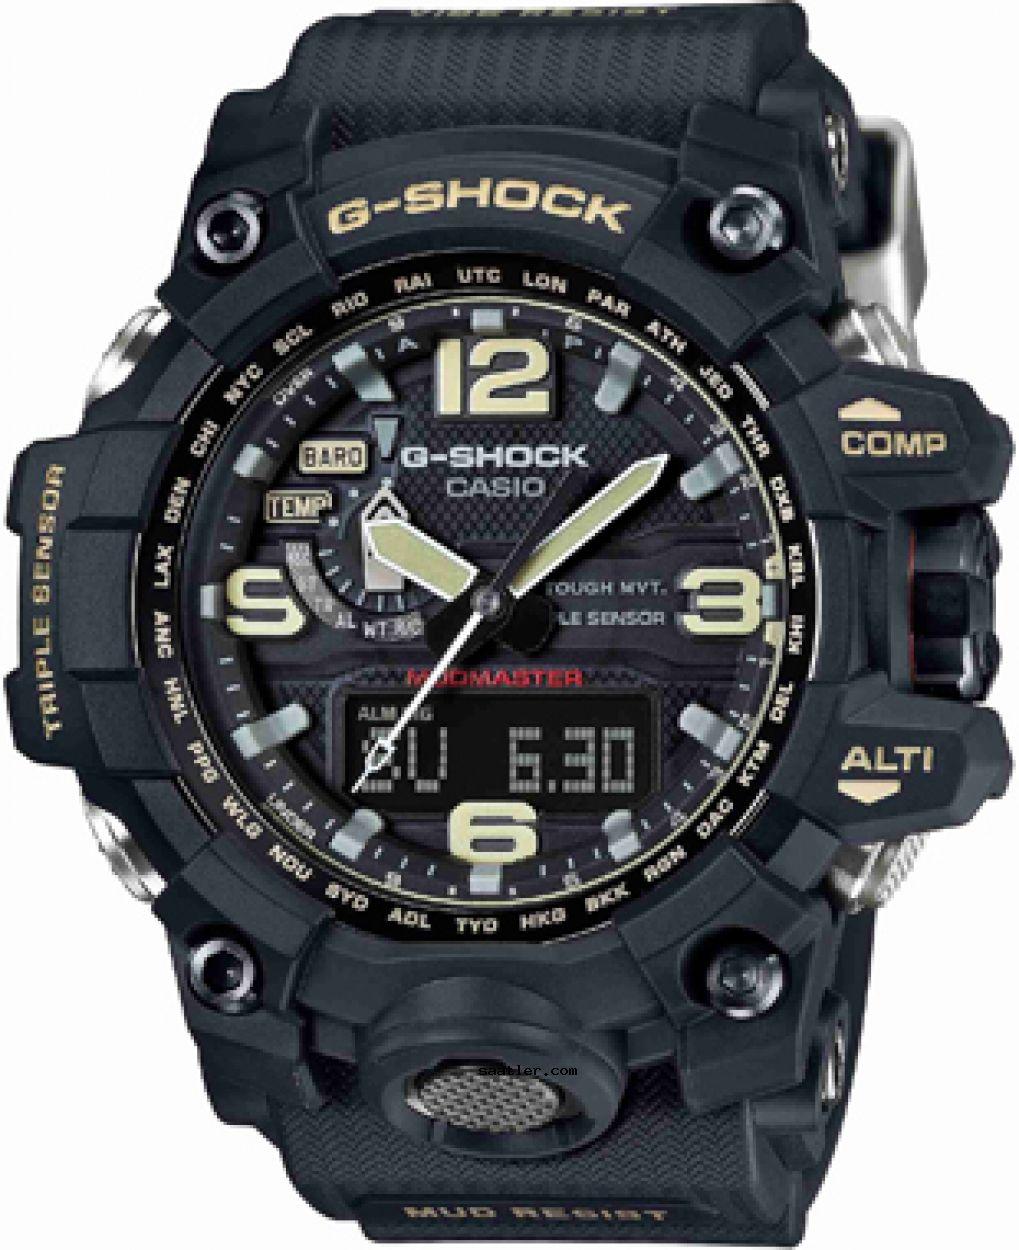 Casio Gwg 1000 1adr Kol Saati Casio G Shock Watches G Shock Mudmaster Casio G Shock